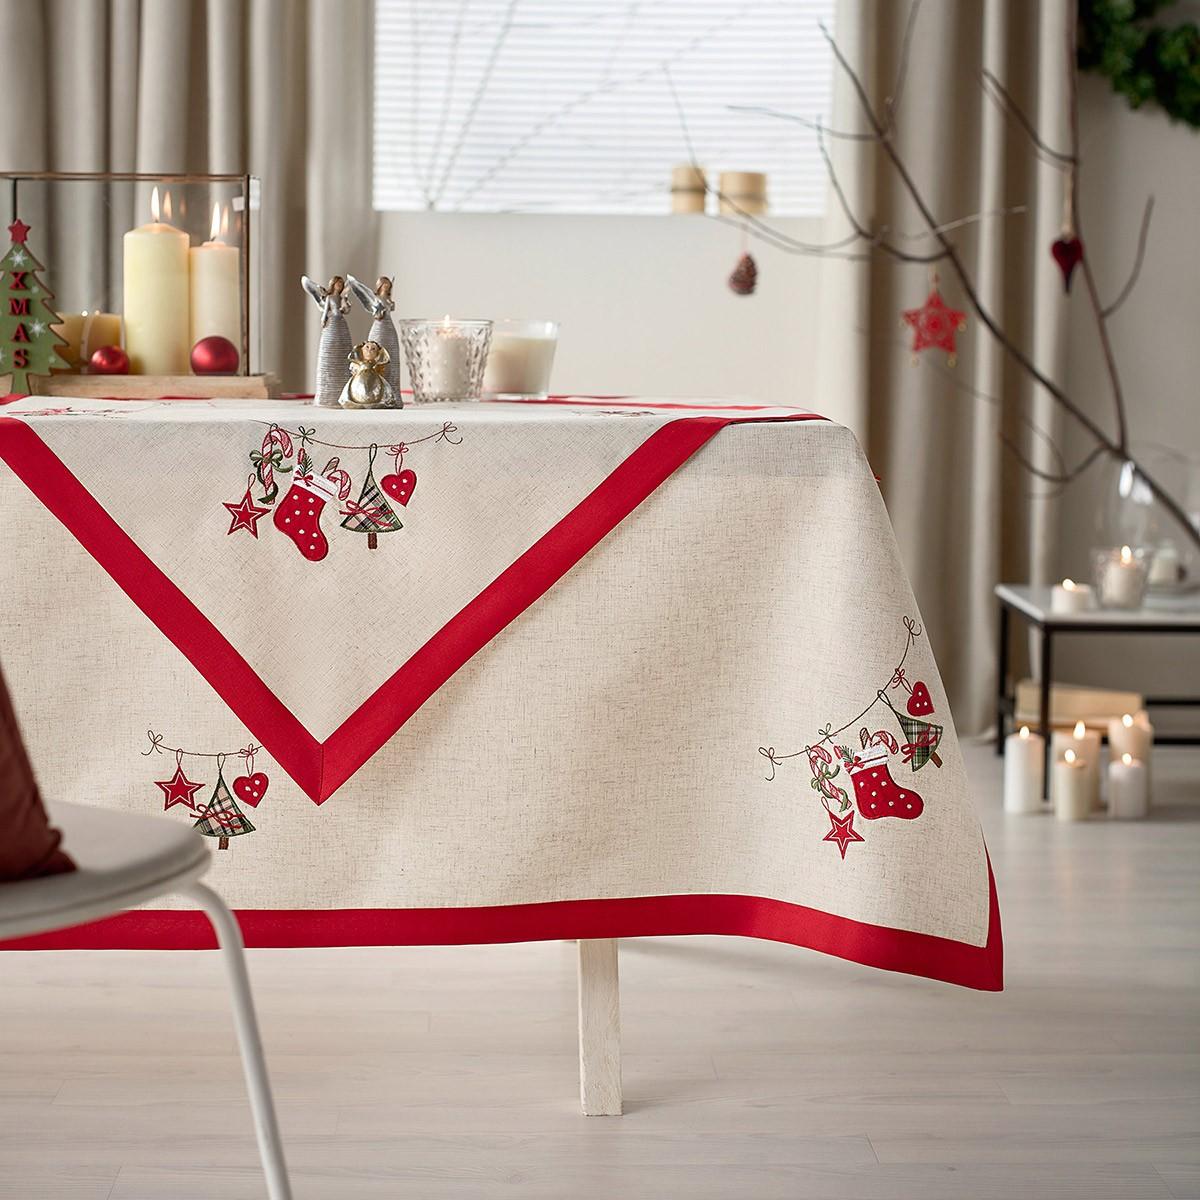 Χριστουγεννιάτικο Τραπεζομάντηλο (135×180) Gofis Home 106